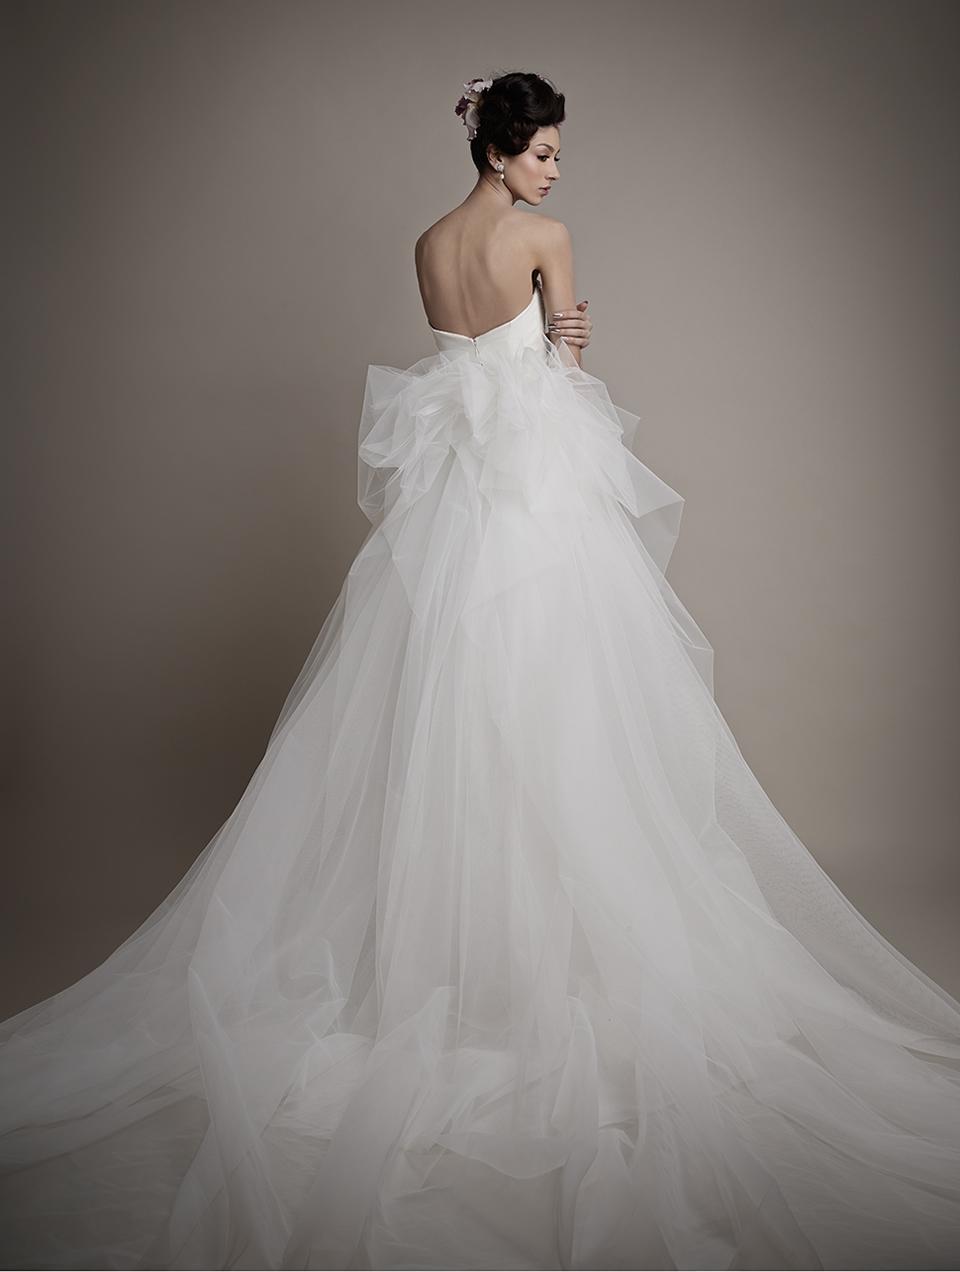 Коллекция свадебных платьев 2015 года от Ersa Atelier9-1